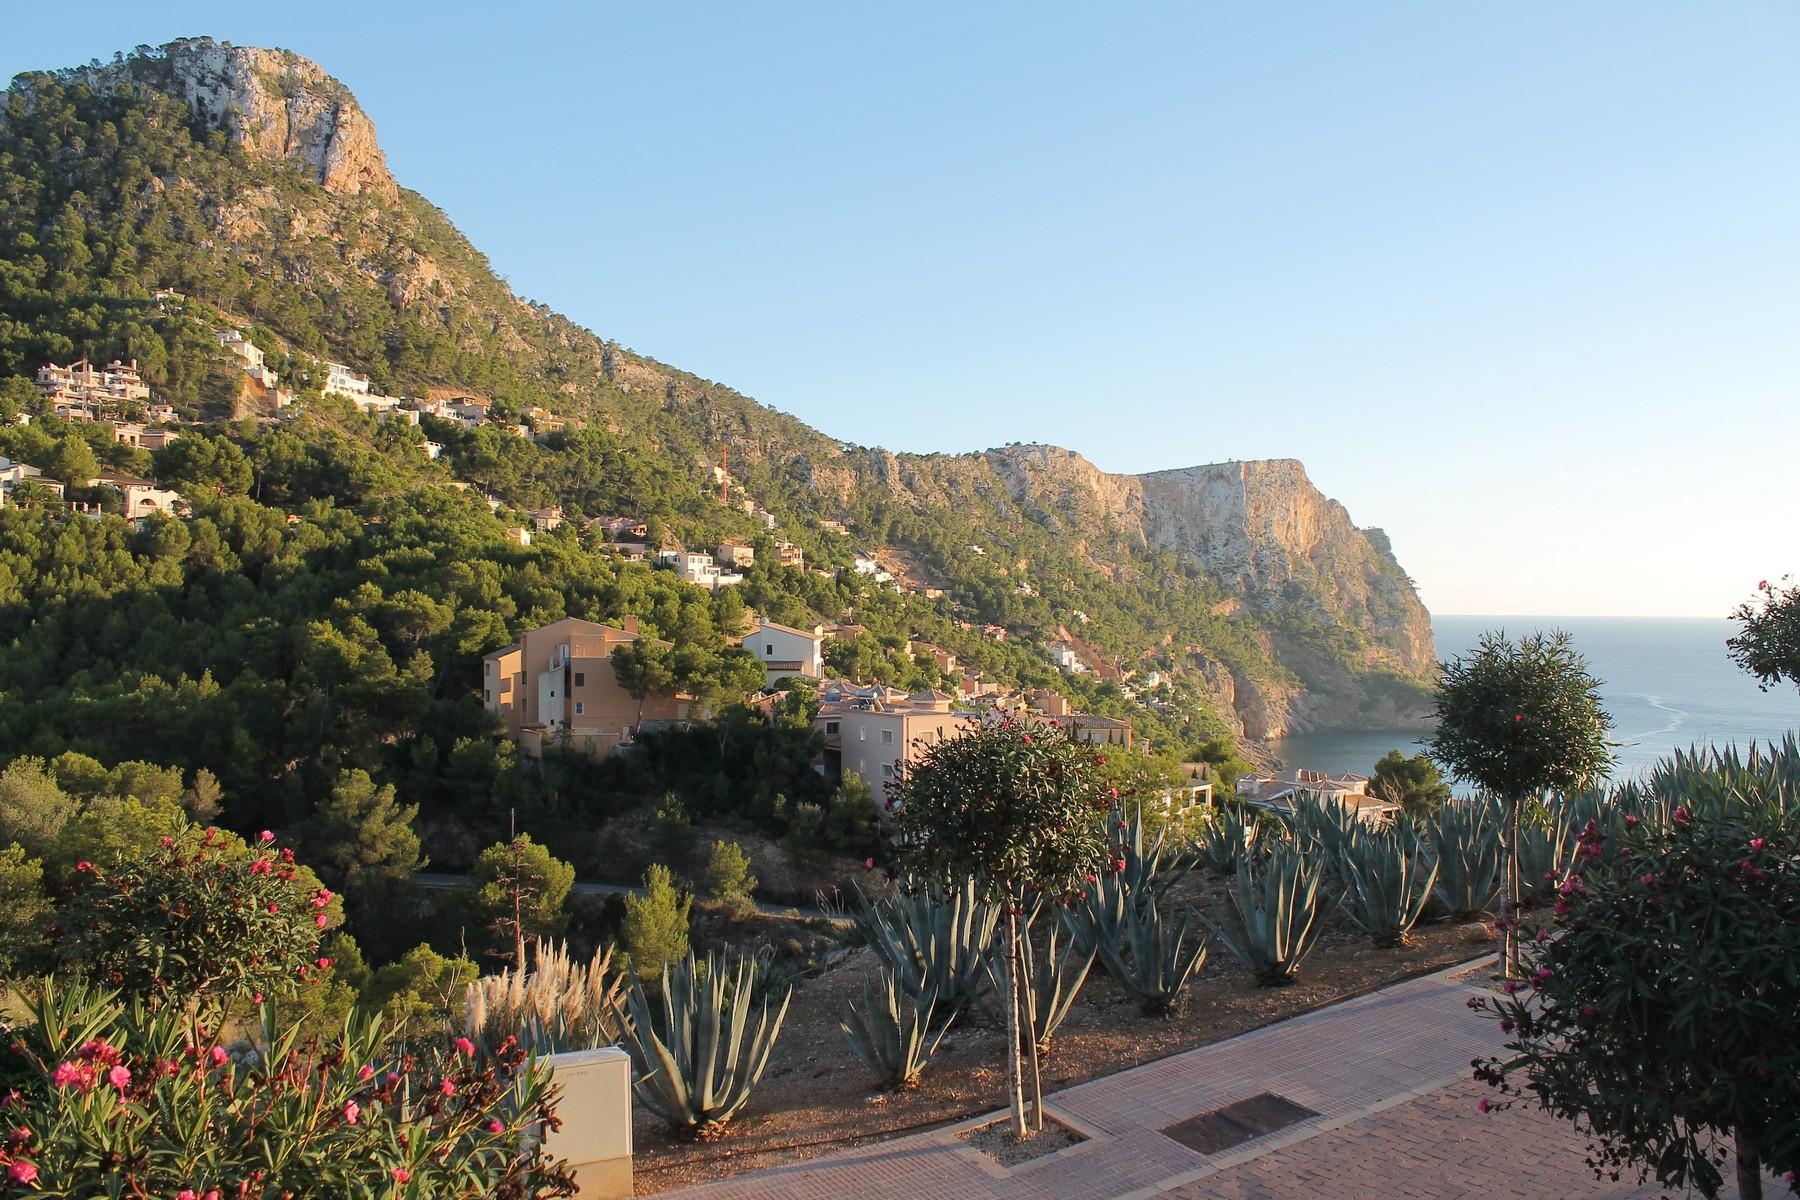 Căn hộ vì Bán tại Ground Floor Apartment in Gran Folies Port Andratx, Mallorca 07157 Tây Ban Nha